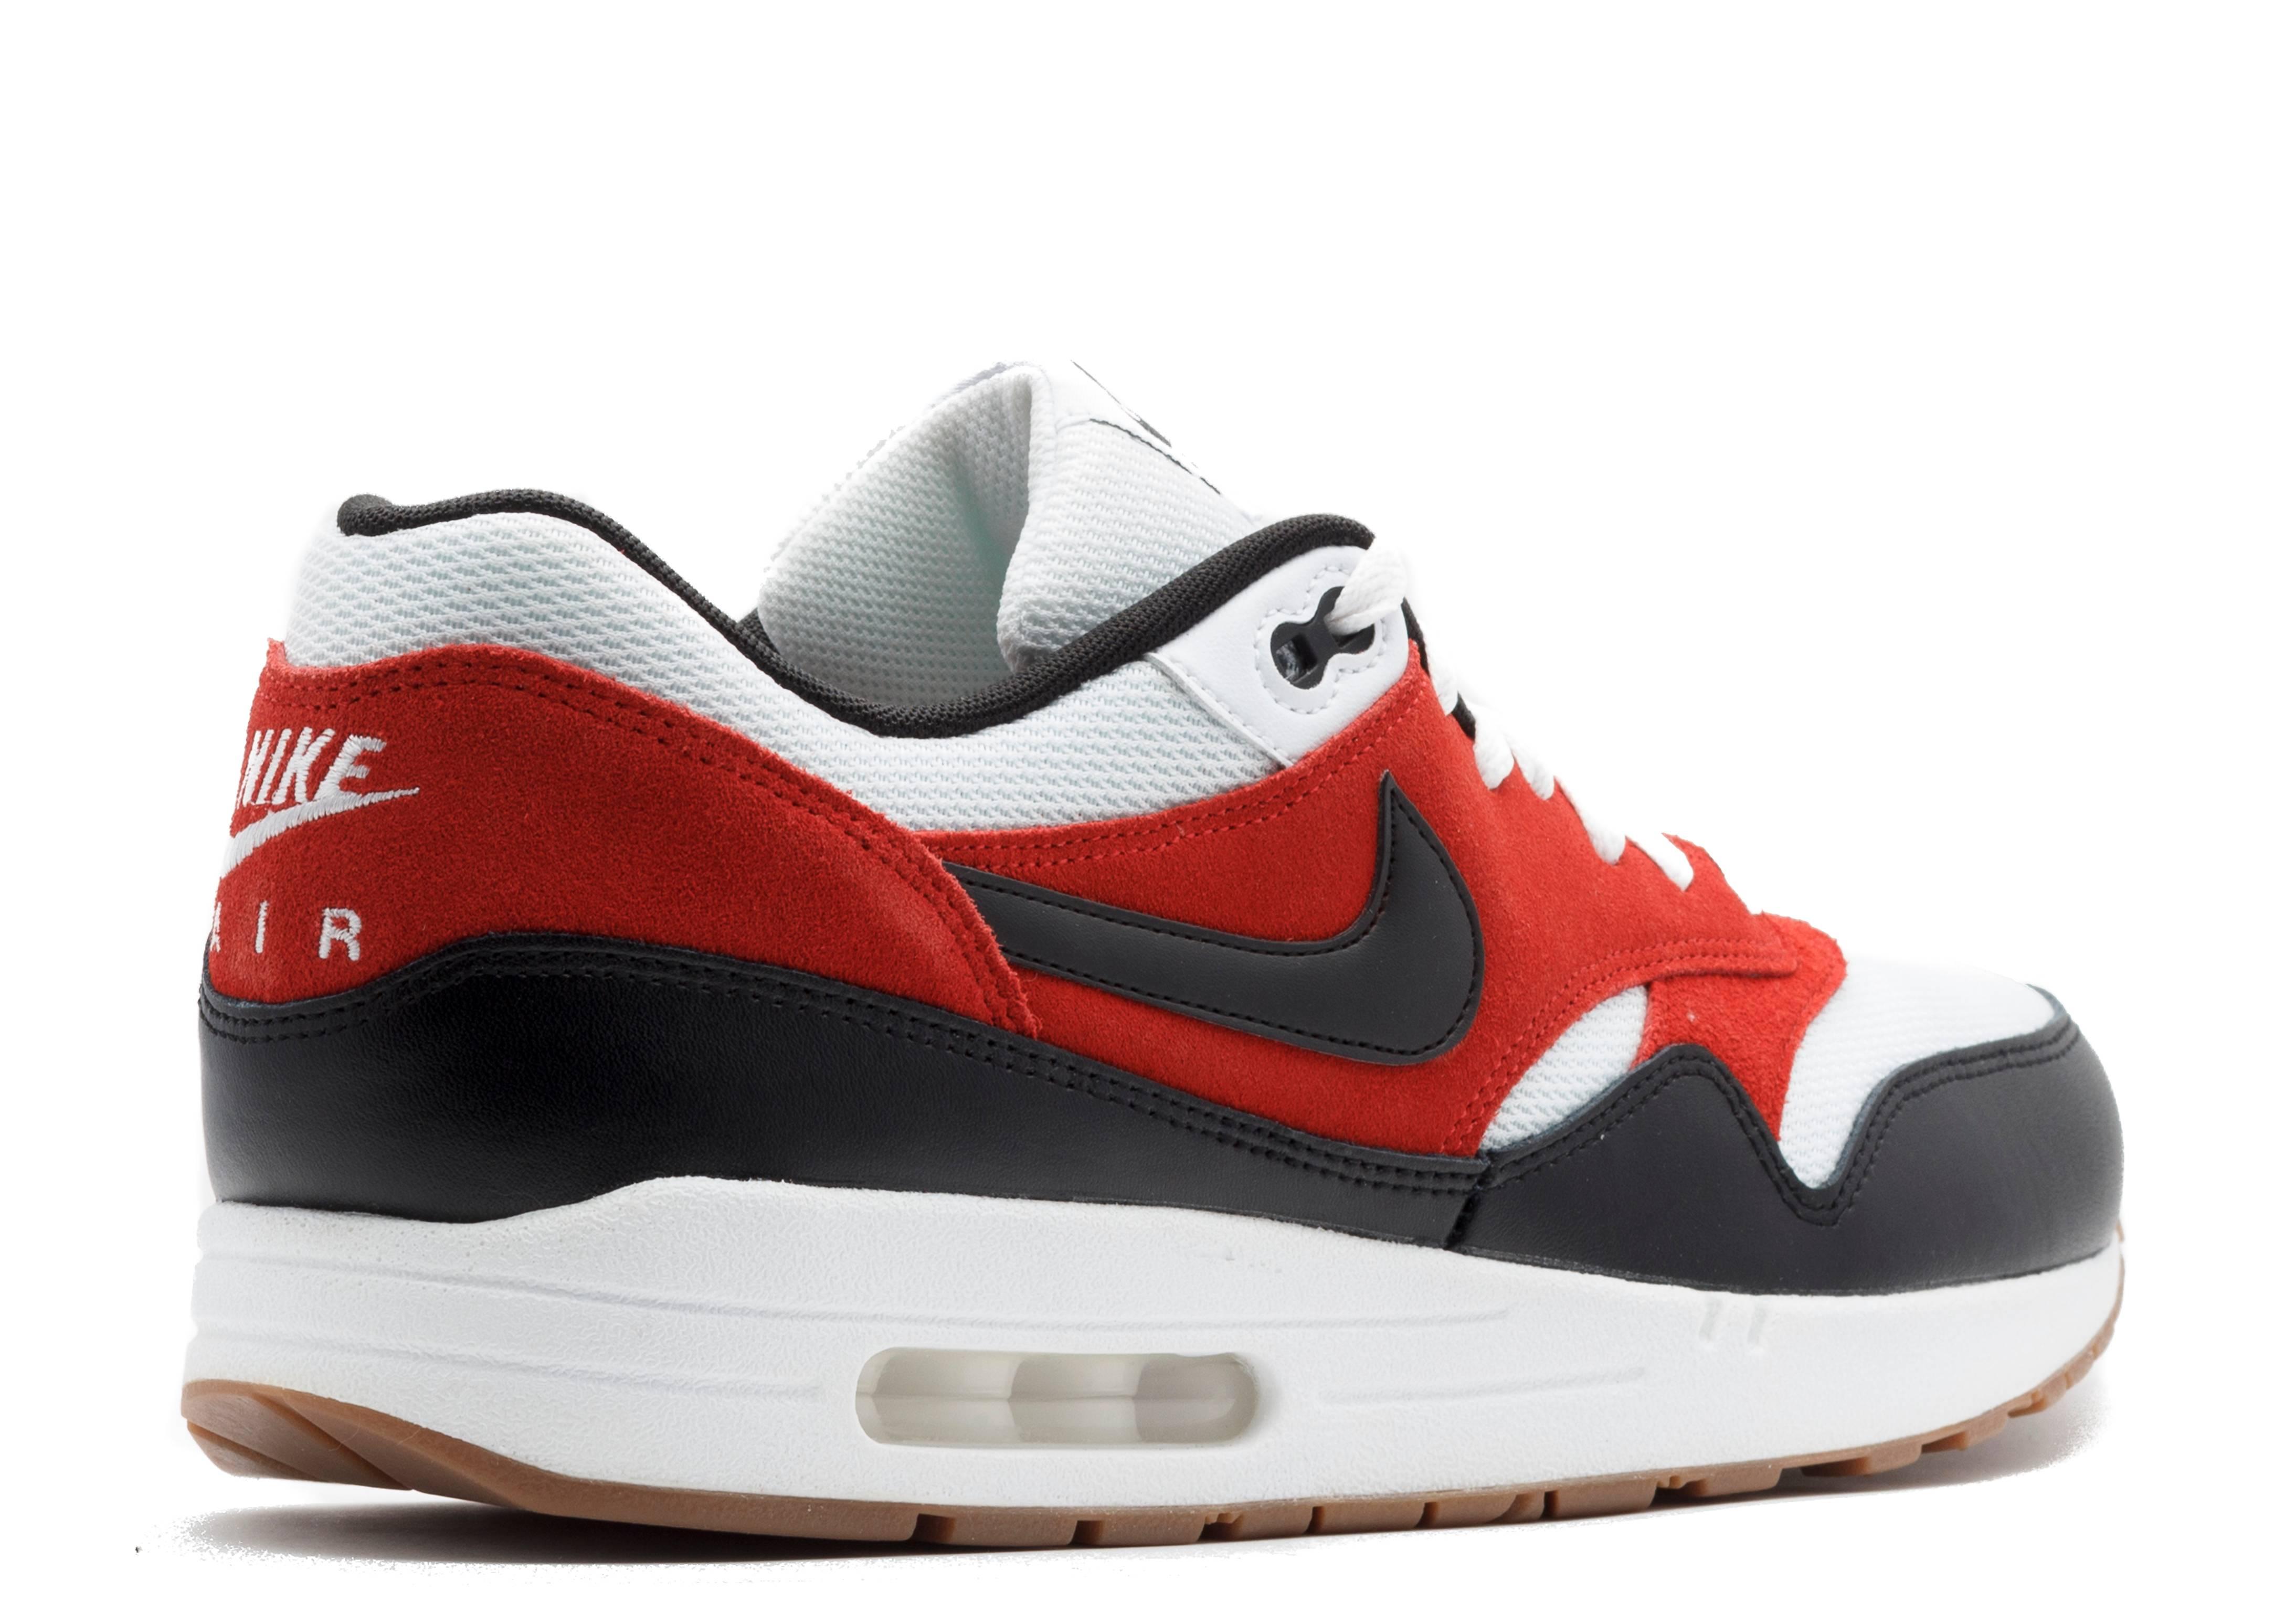 Nike Air Max 90 Gamma   The Centre for Contemporary History e40086b6ce3c